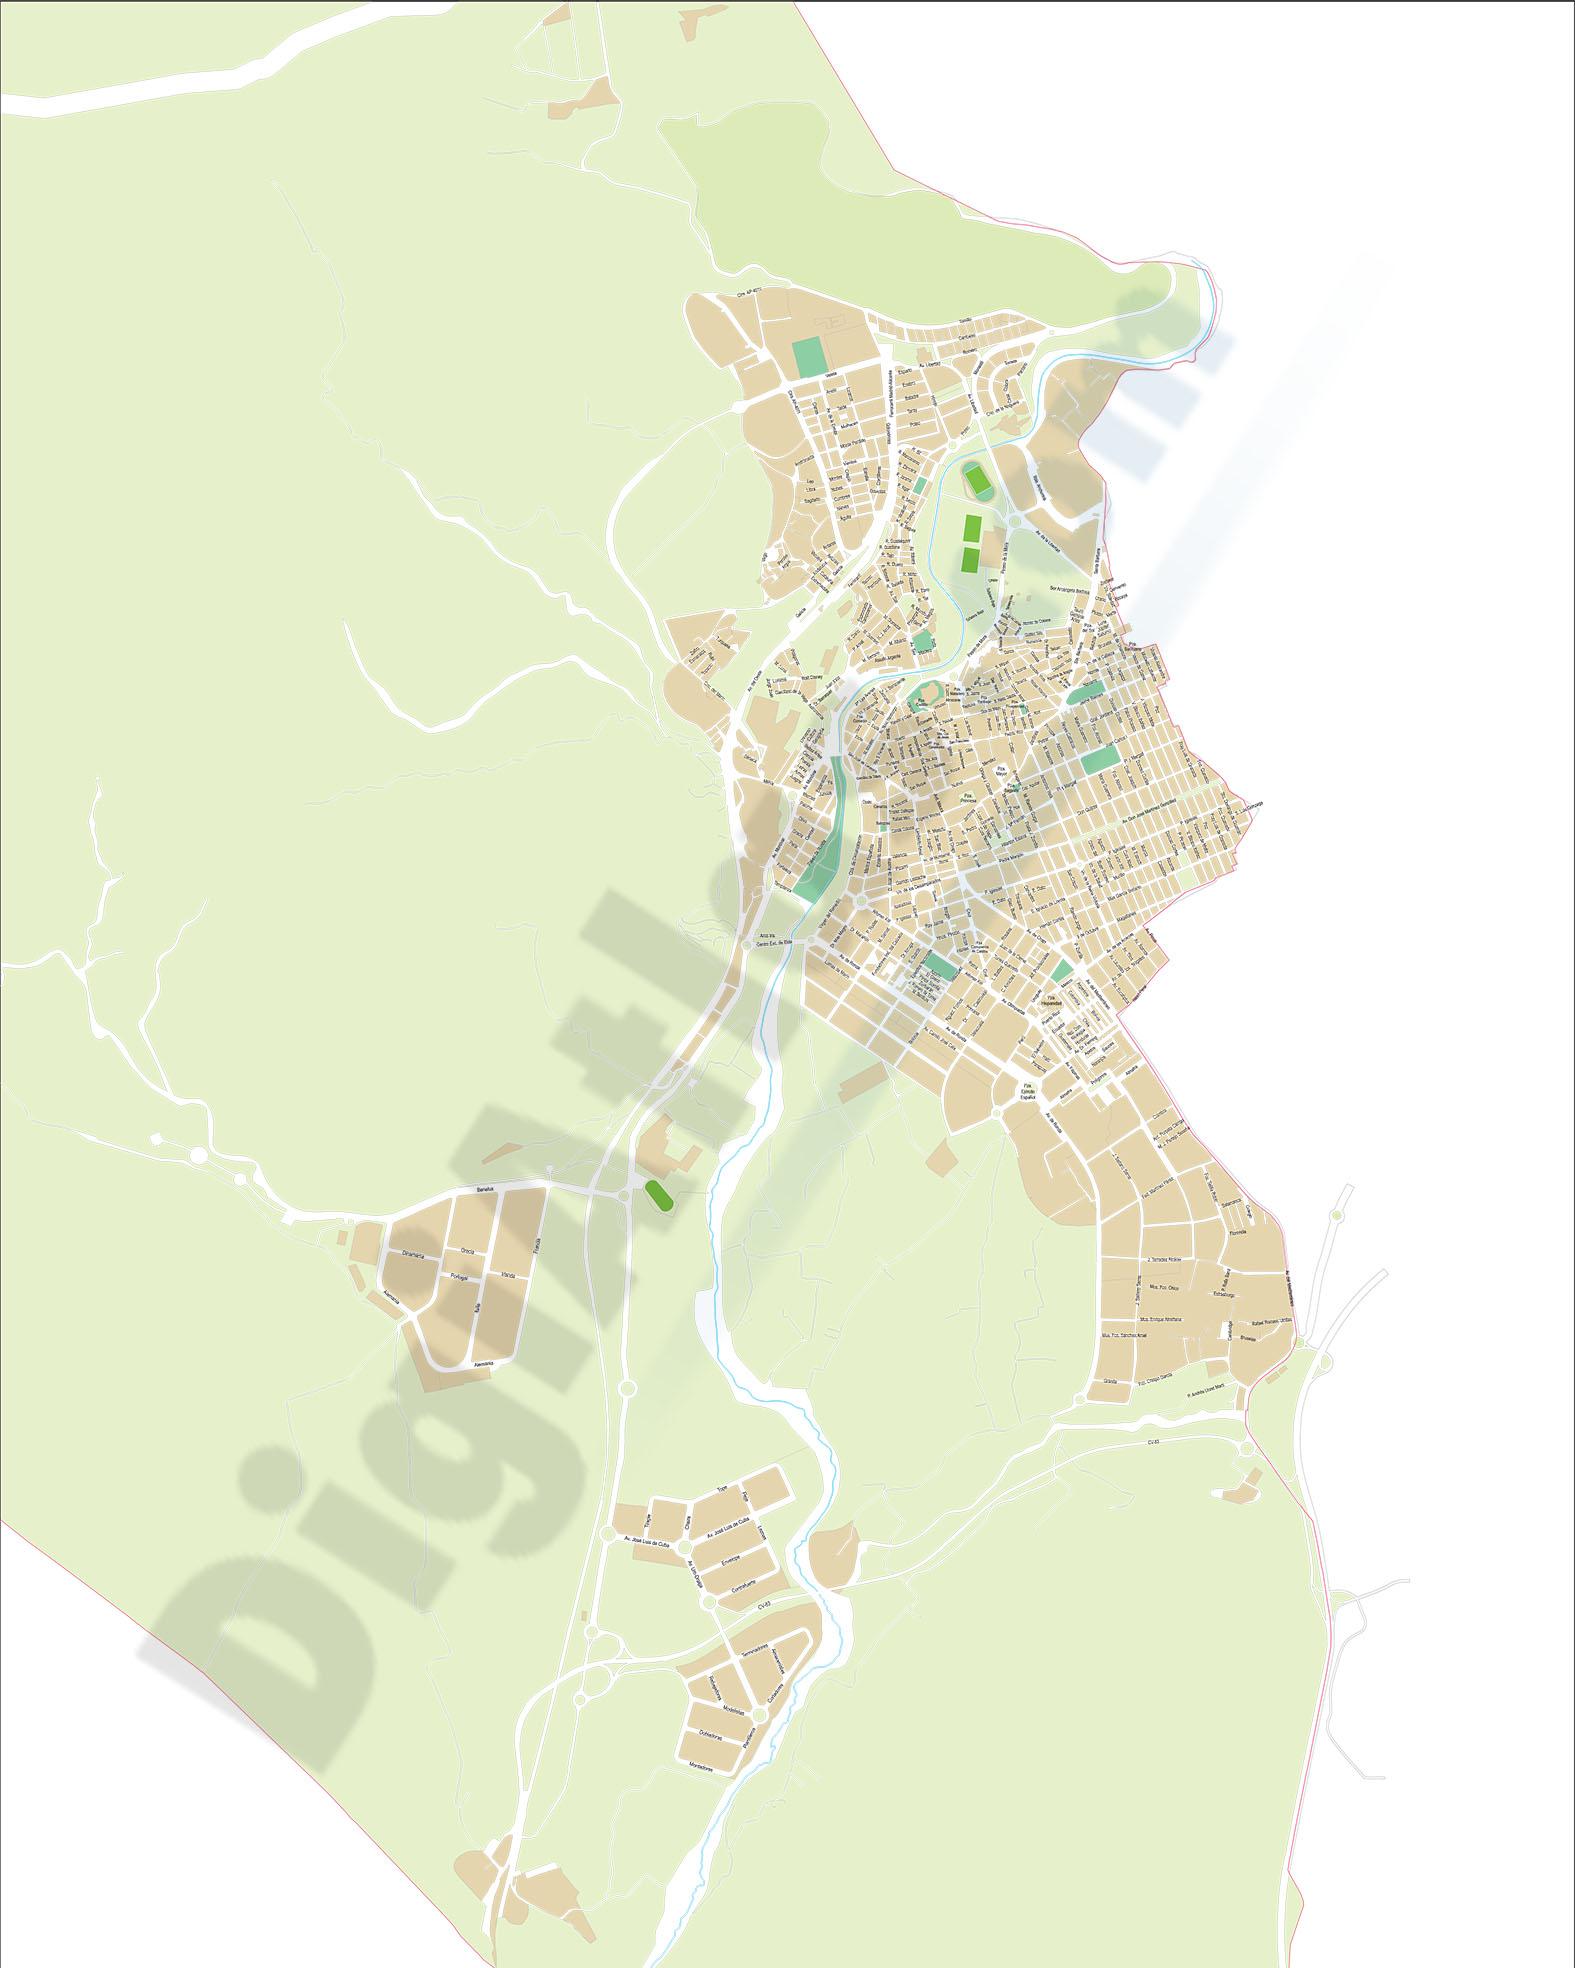 Elda (Alicante) - city map